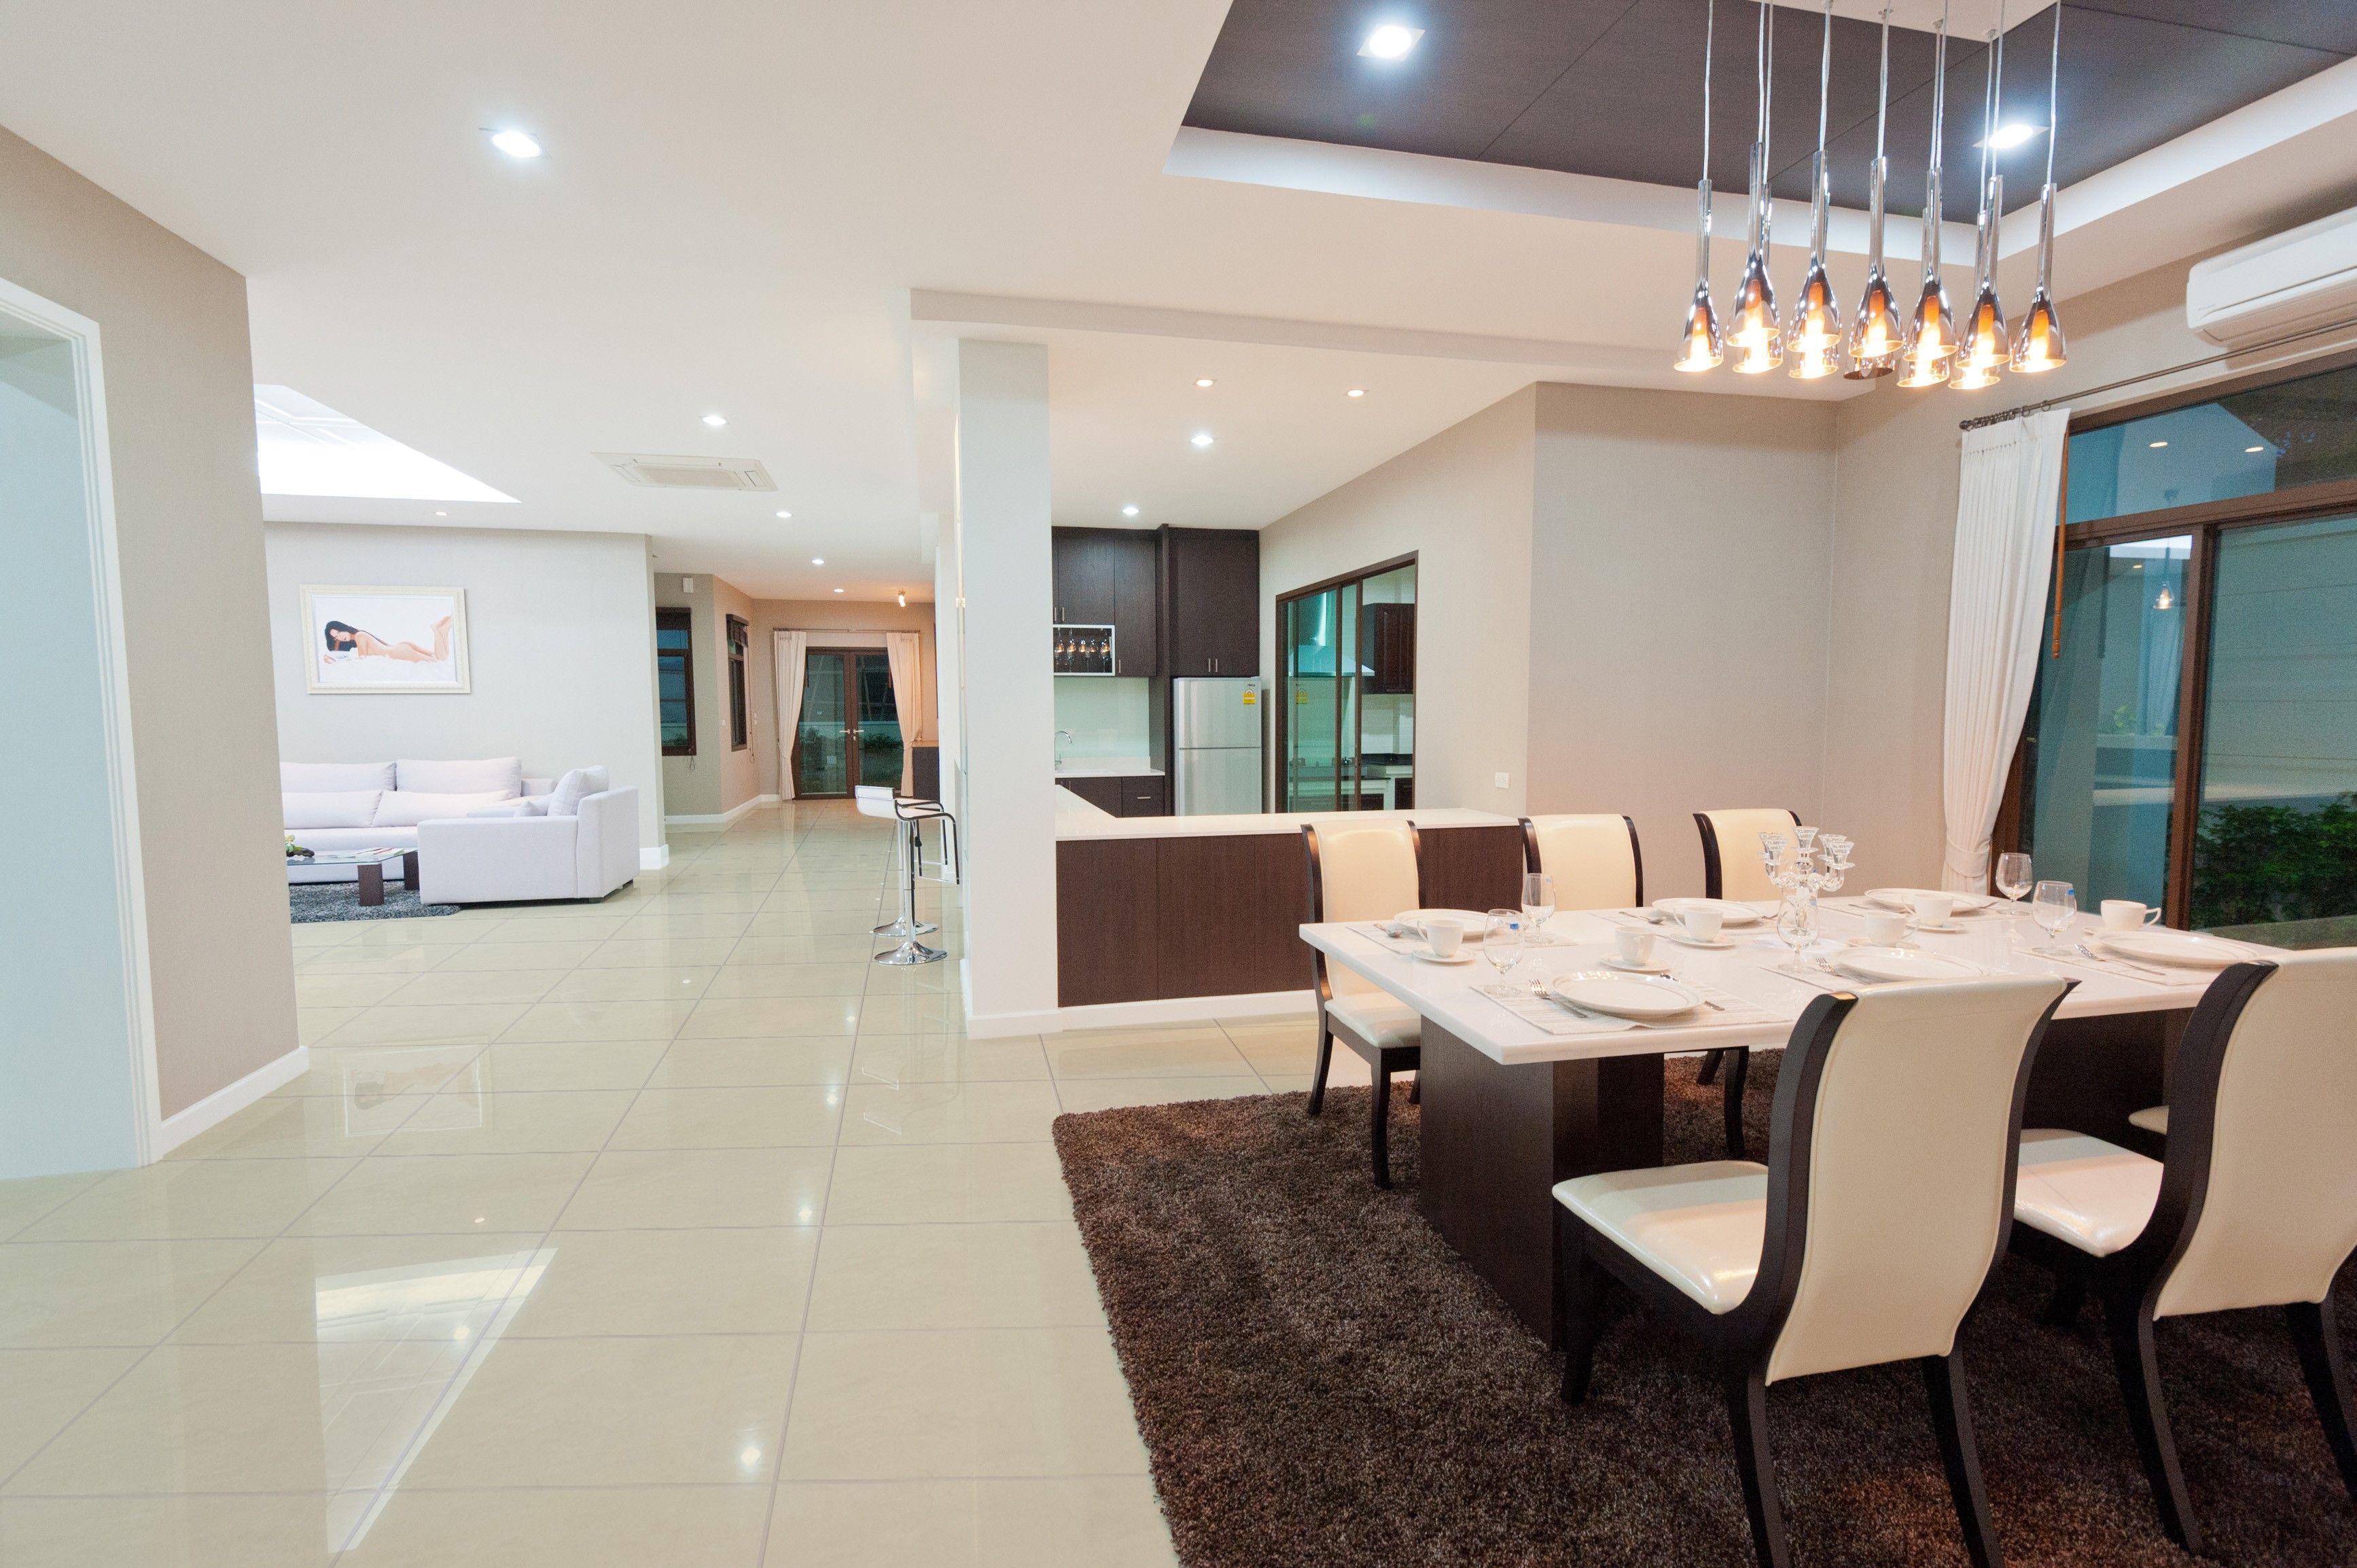 Dise o de interiores casas modernas piso cer mico for Pisos interiores modernos